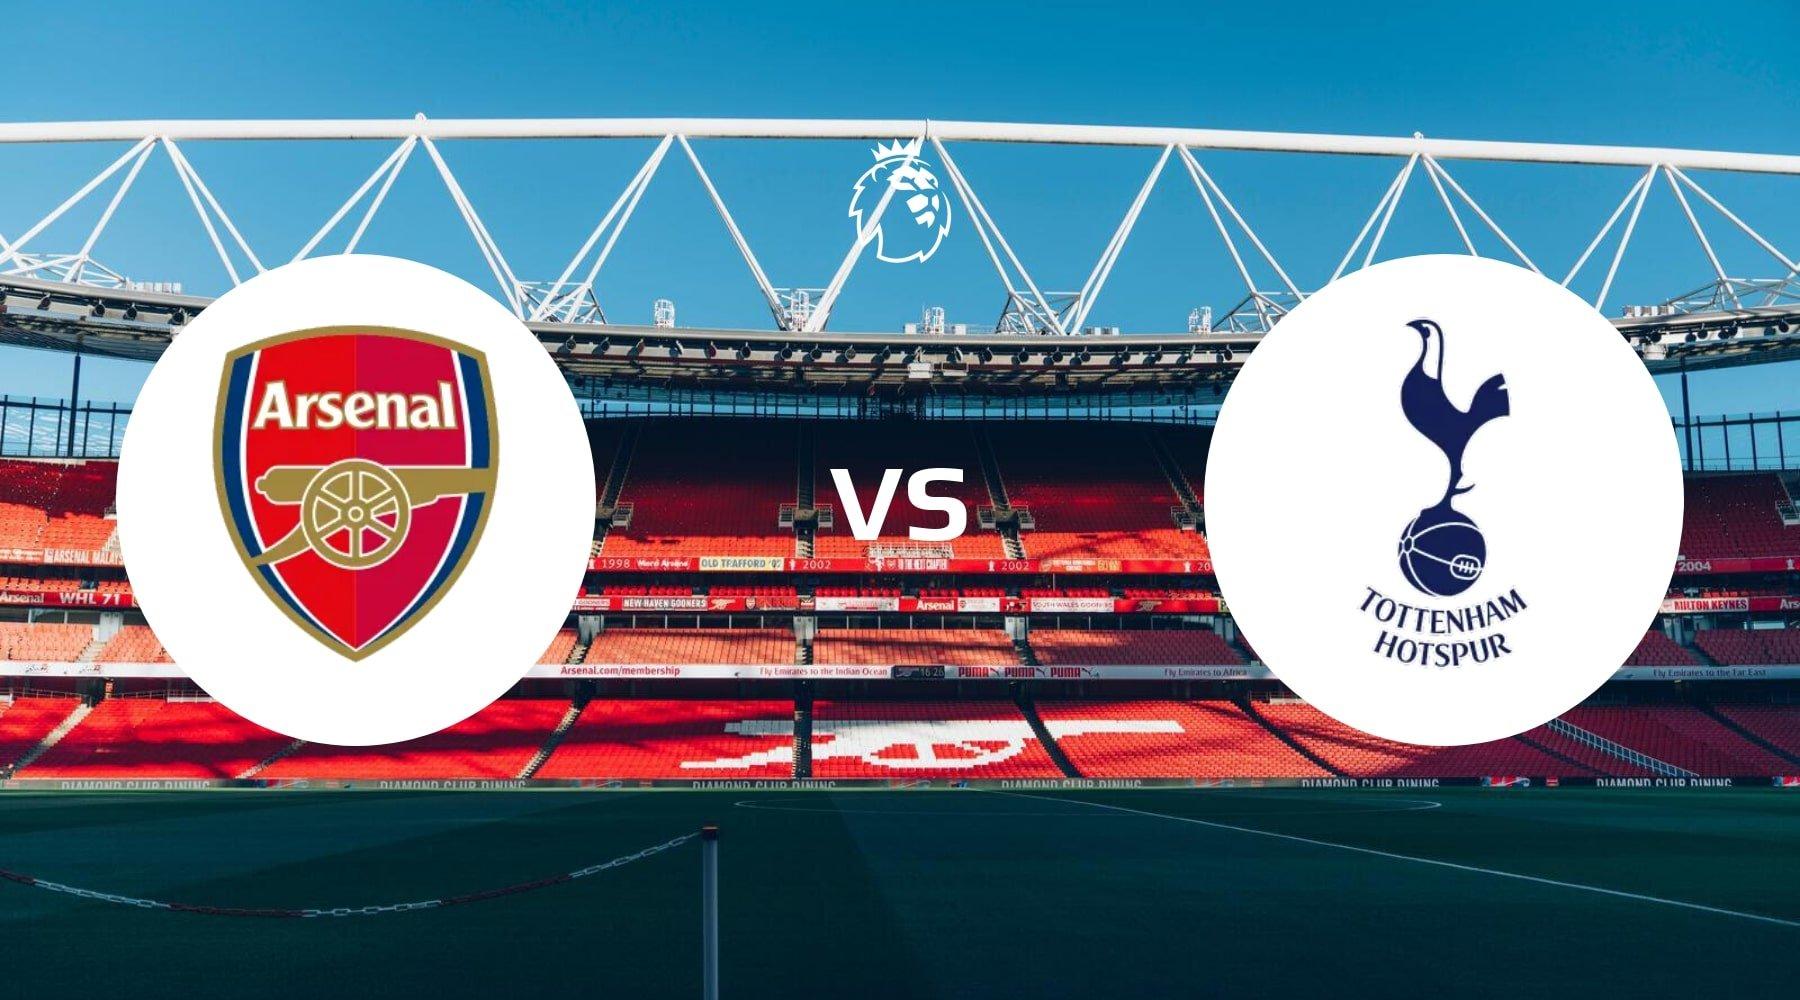 Arsenal vs Tottenham Hotspur Betting